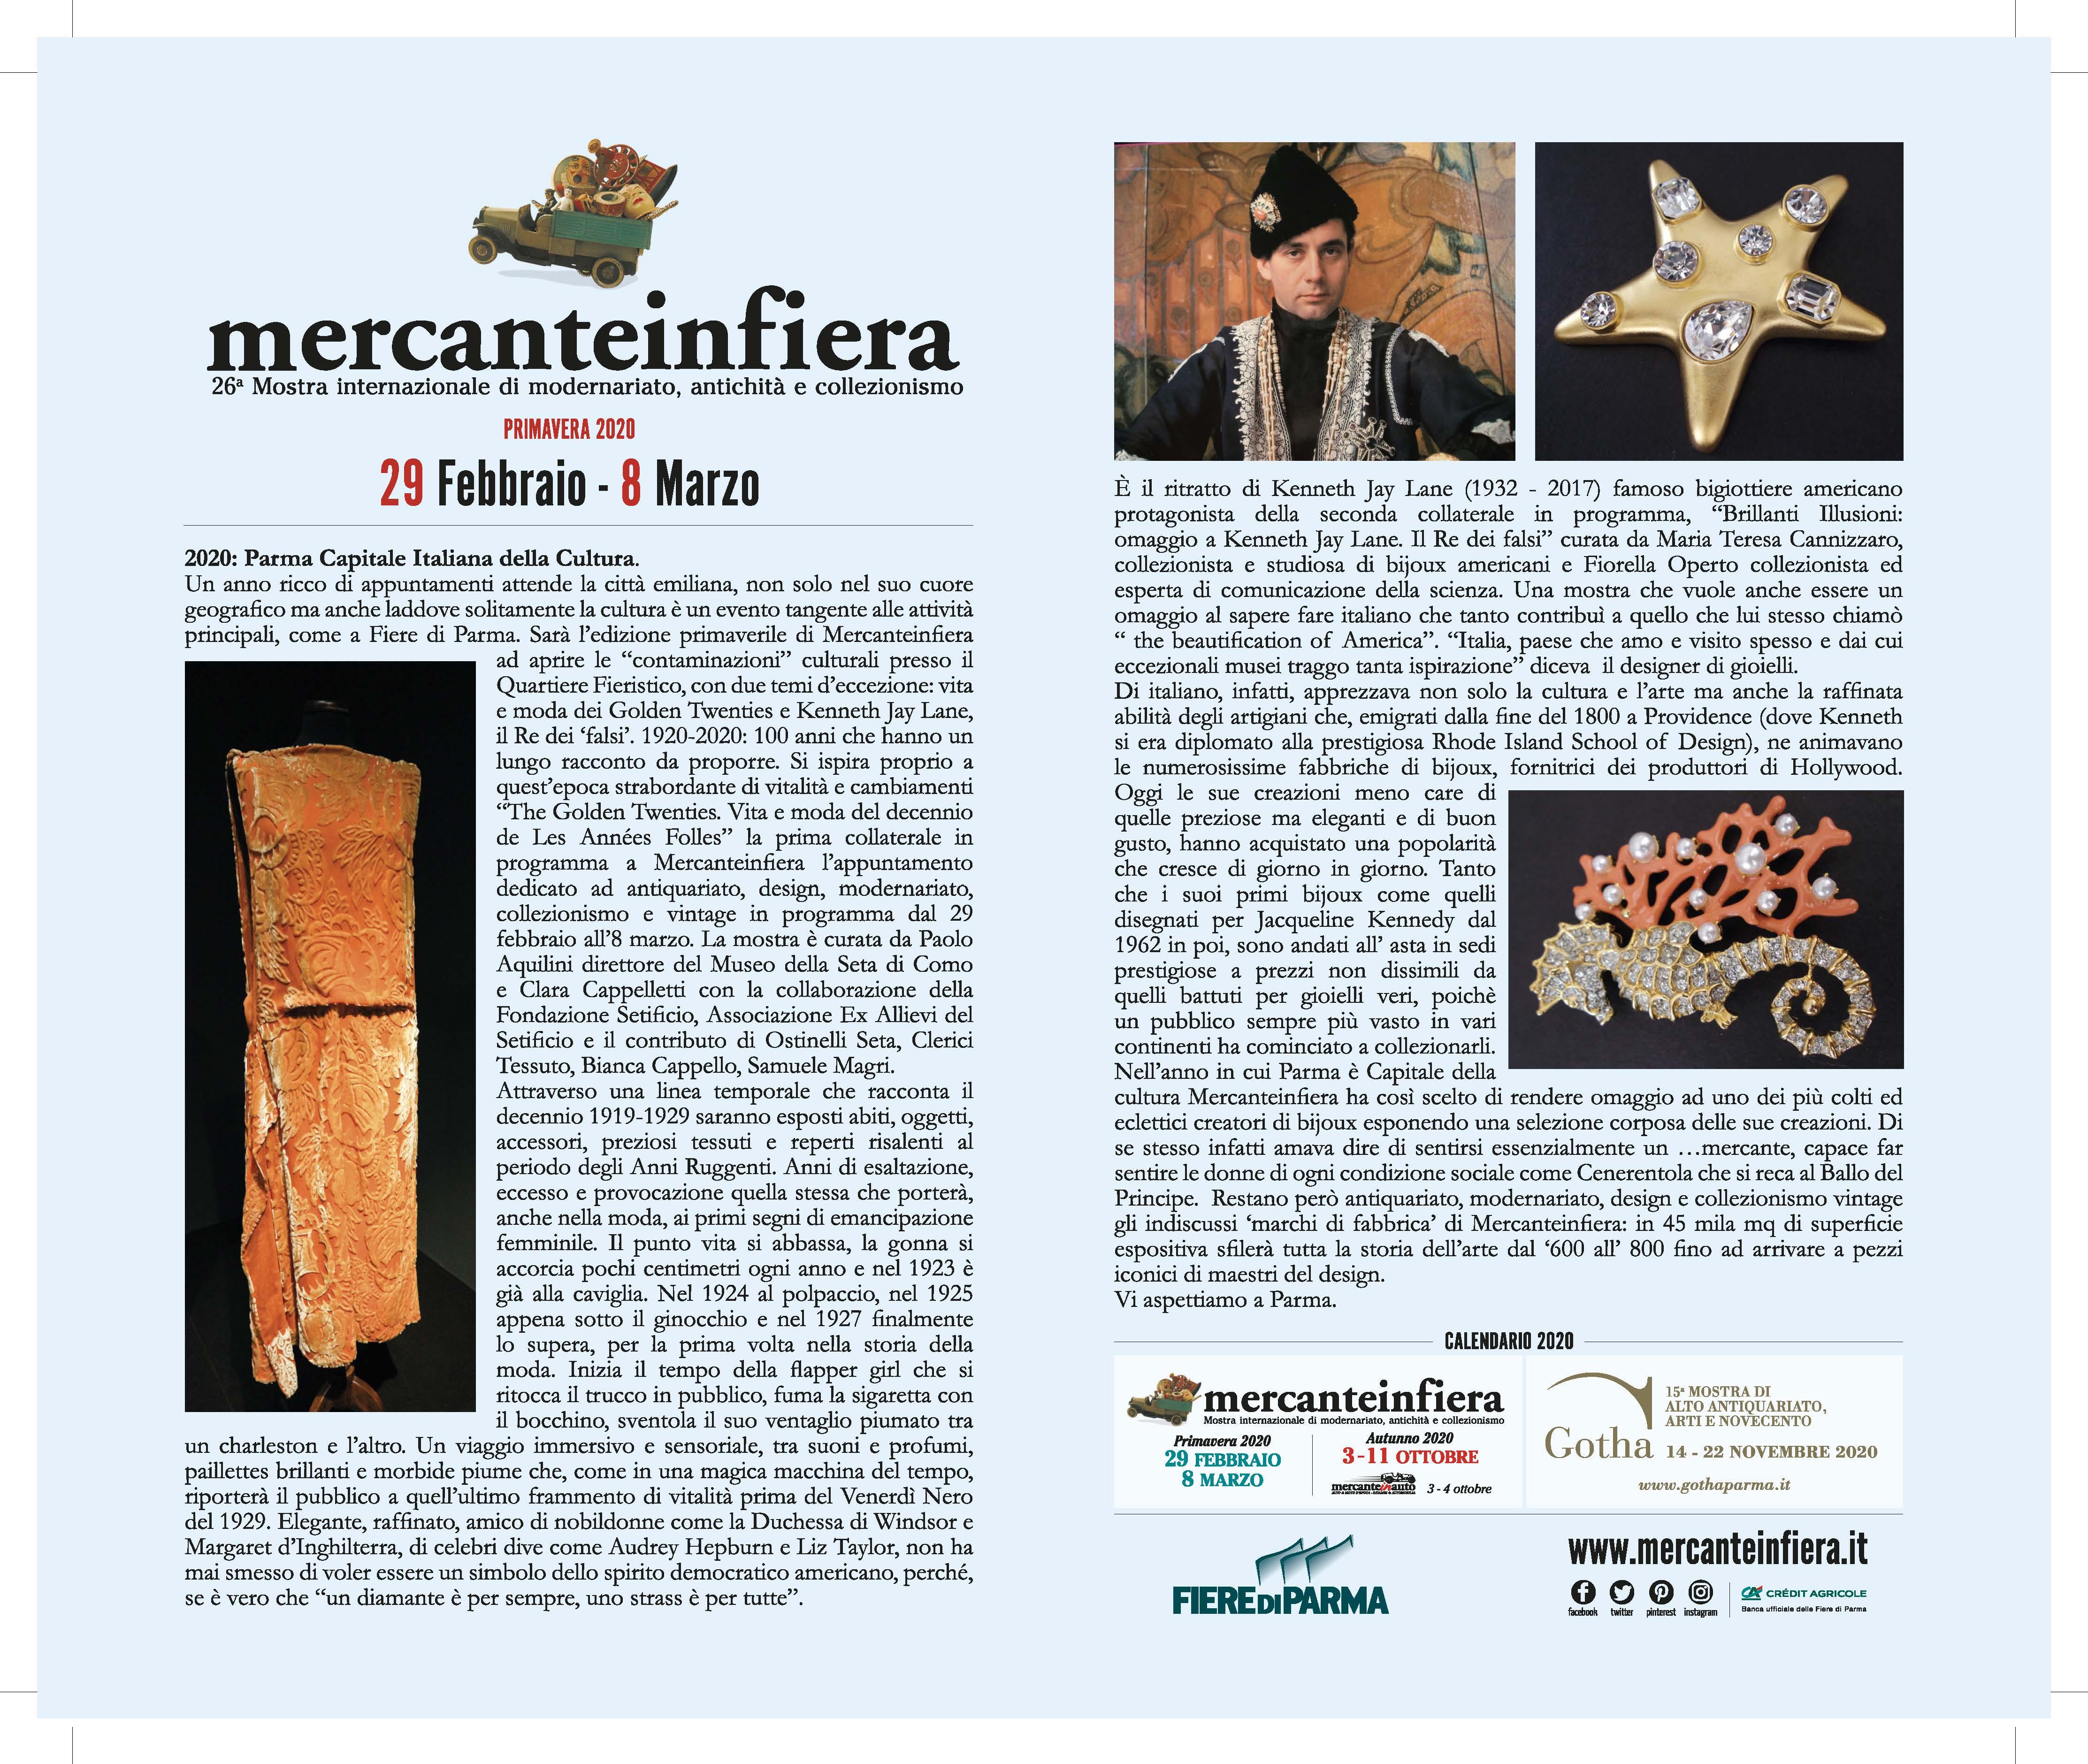 Guide-La_Repubblica-mostra_anni_venti_mercanteinfiera_2020